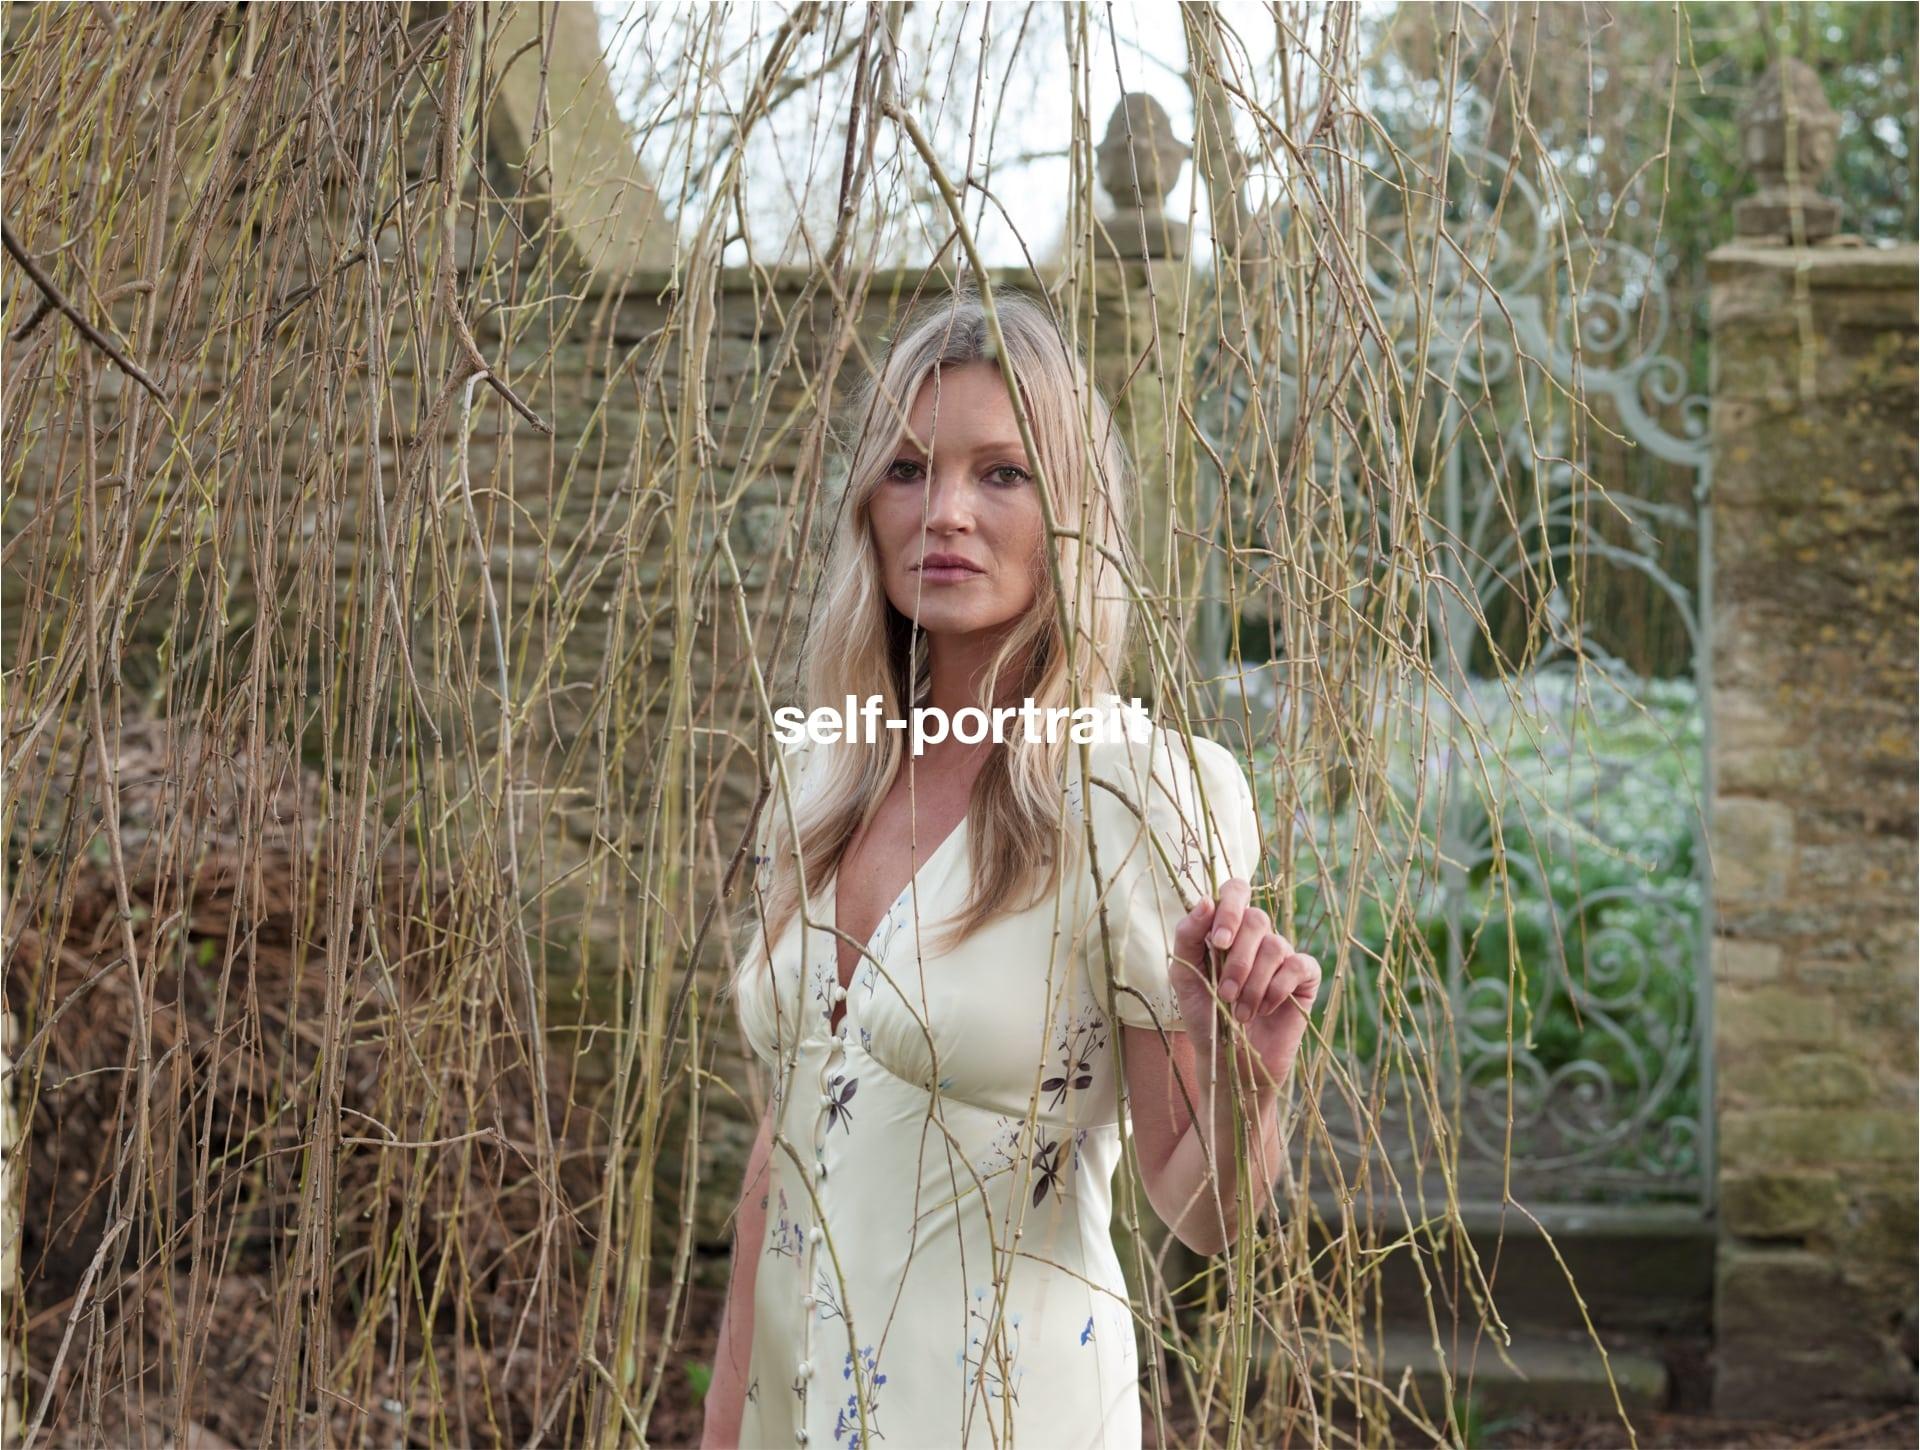 Кейт Мосс стала главной героиней рекламной кампании Self-Portrait (ФОТО) - фото №4